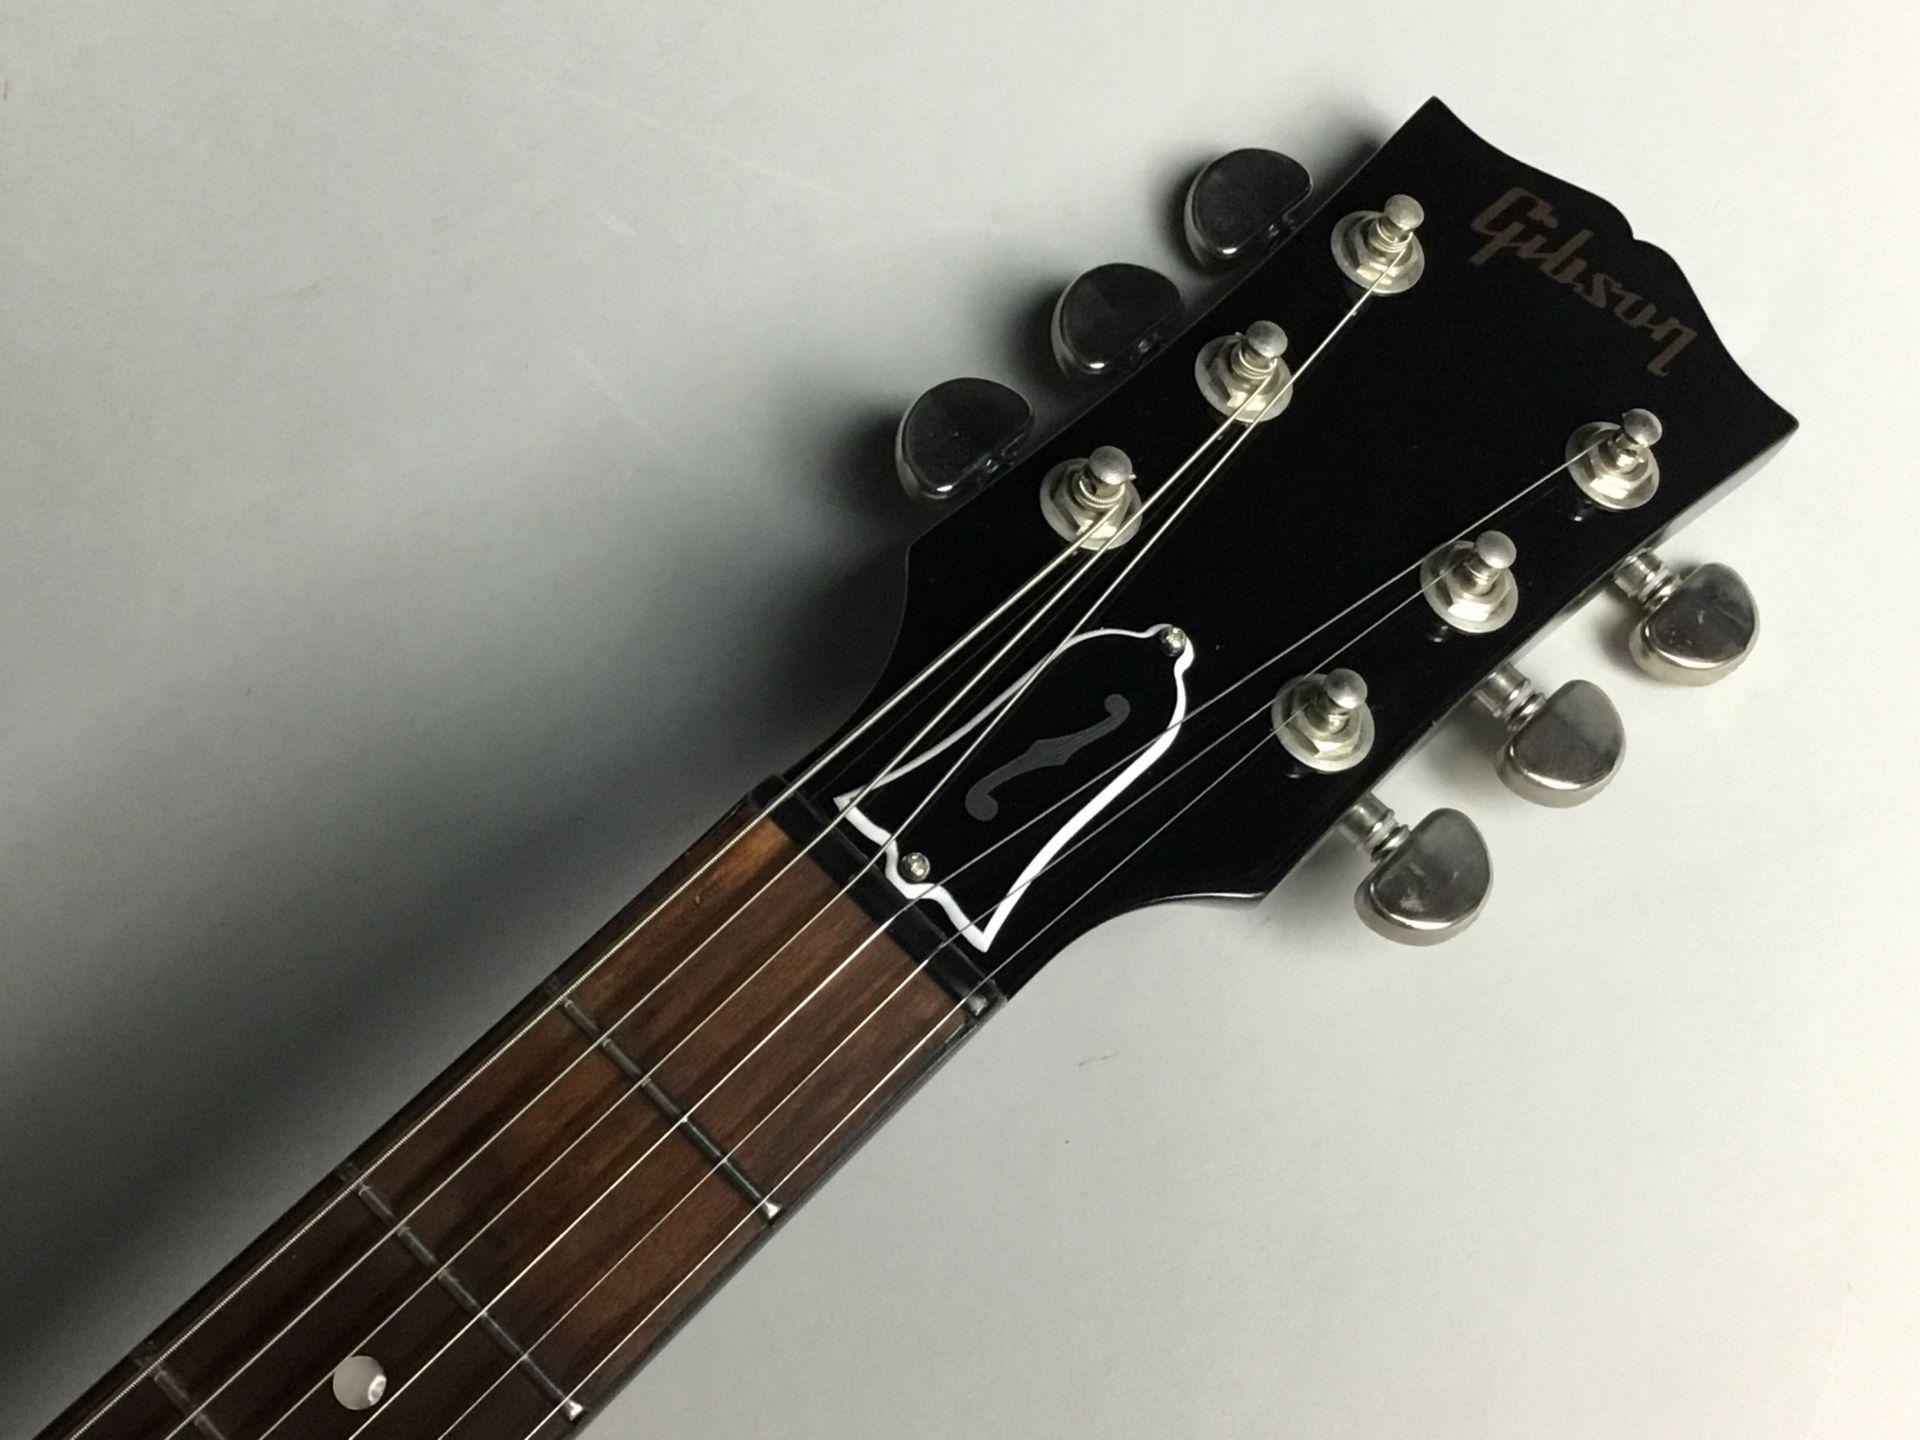 ES-335 Studioのヘッド画像